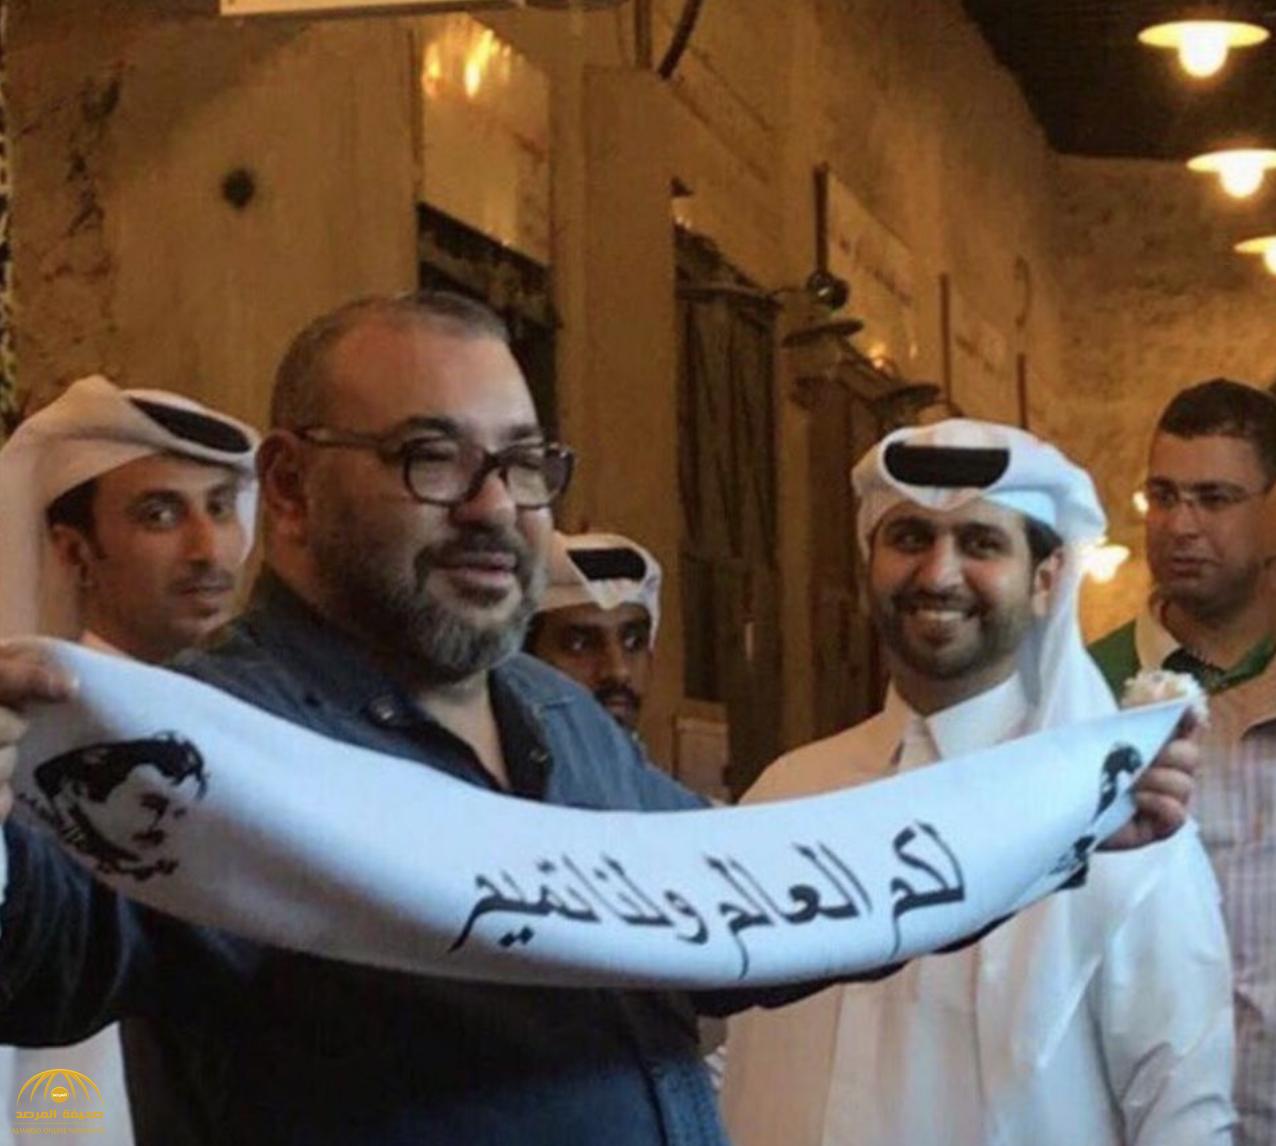 مستشار ملك المغرب يوضح حقيقة صورة الوشاح المتداولة لمحمد السادس أثناء زيارة قطر-صورة